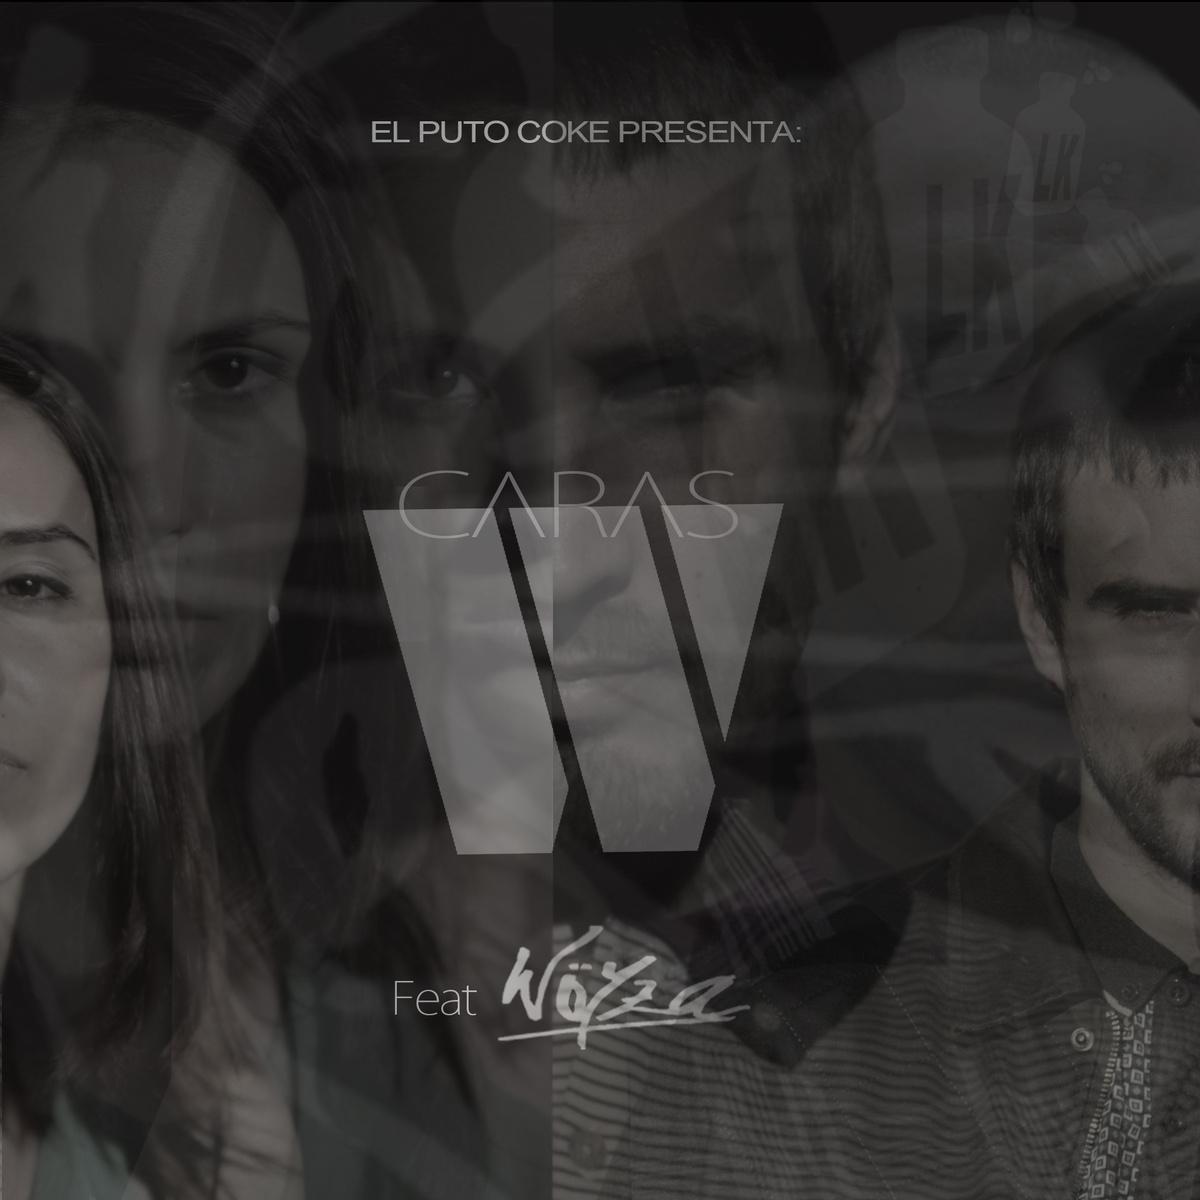 El_puto_coke_presenta_caras_w_con_w_yza